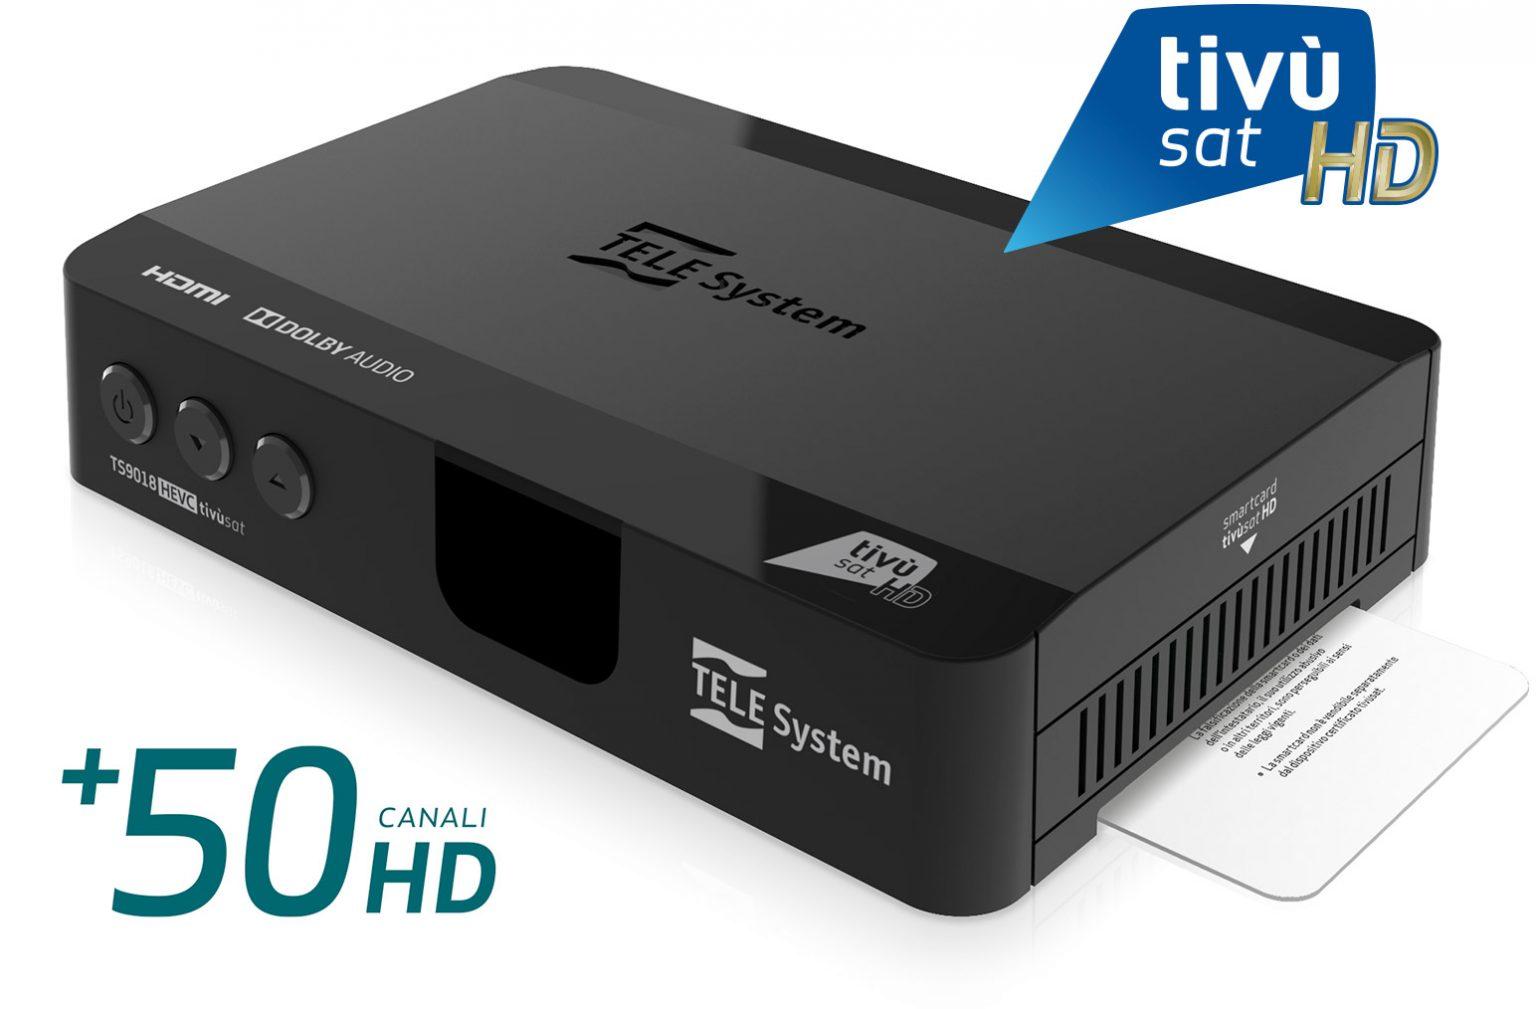 Aggiornamento software per TS9018HEVC tivùsat (versione 271)